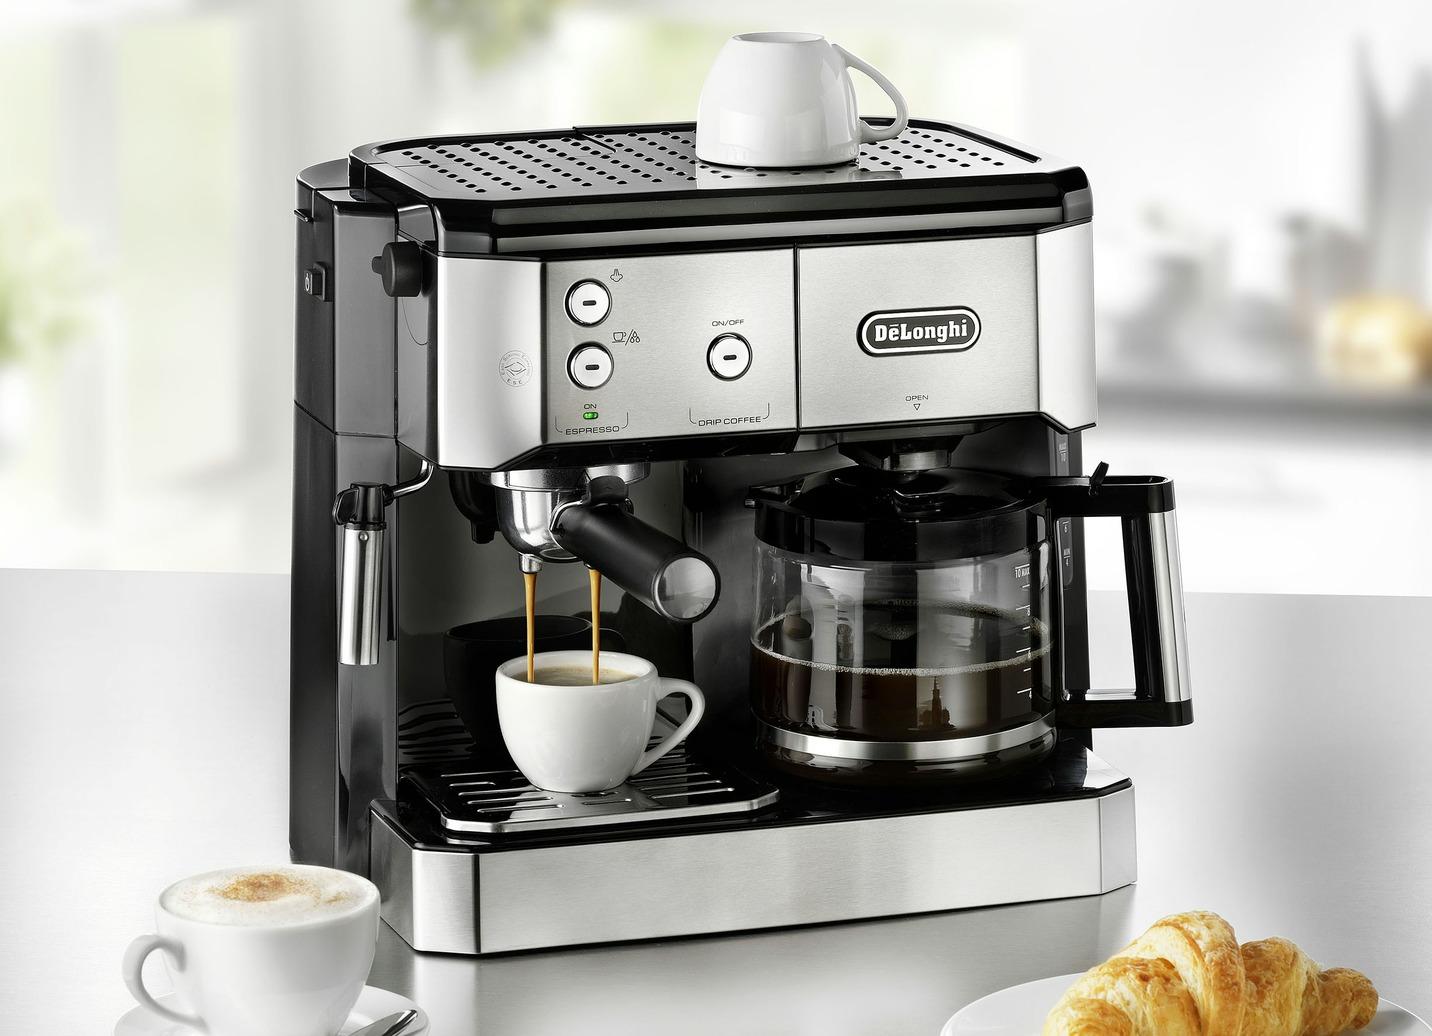 De?Longhi BCO411.B/BCO421.S Kaffee-/Espressomaschine Edelstahl Damen Preisvergleich